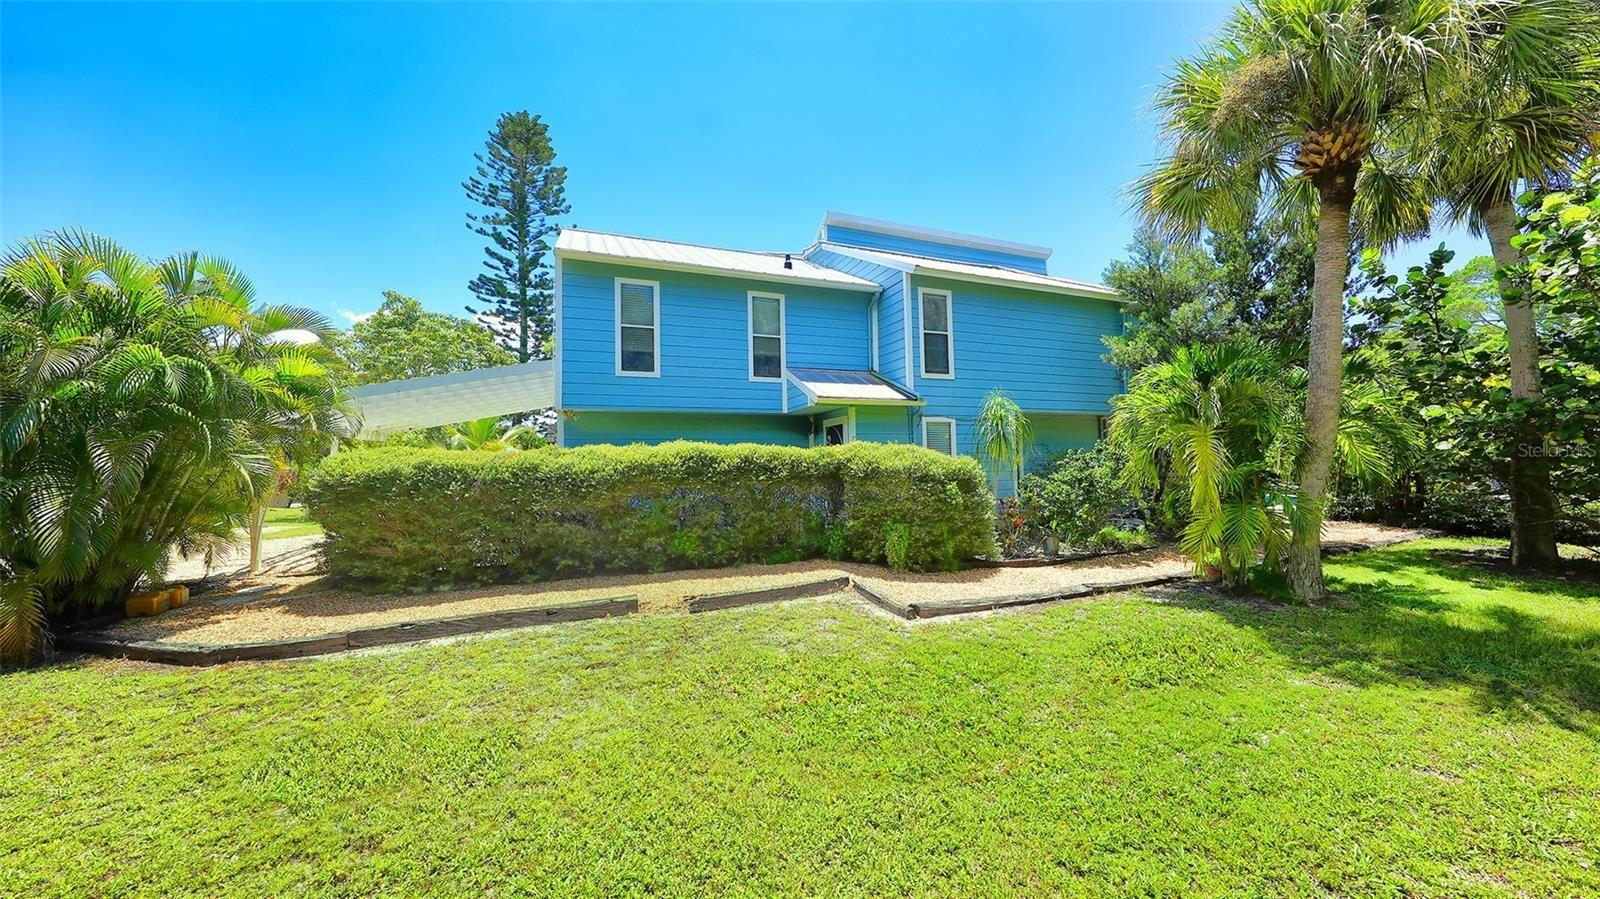 526 TREASURE BOAT WAY, Sarasota, FL 34242 - #: A4508462